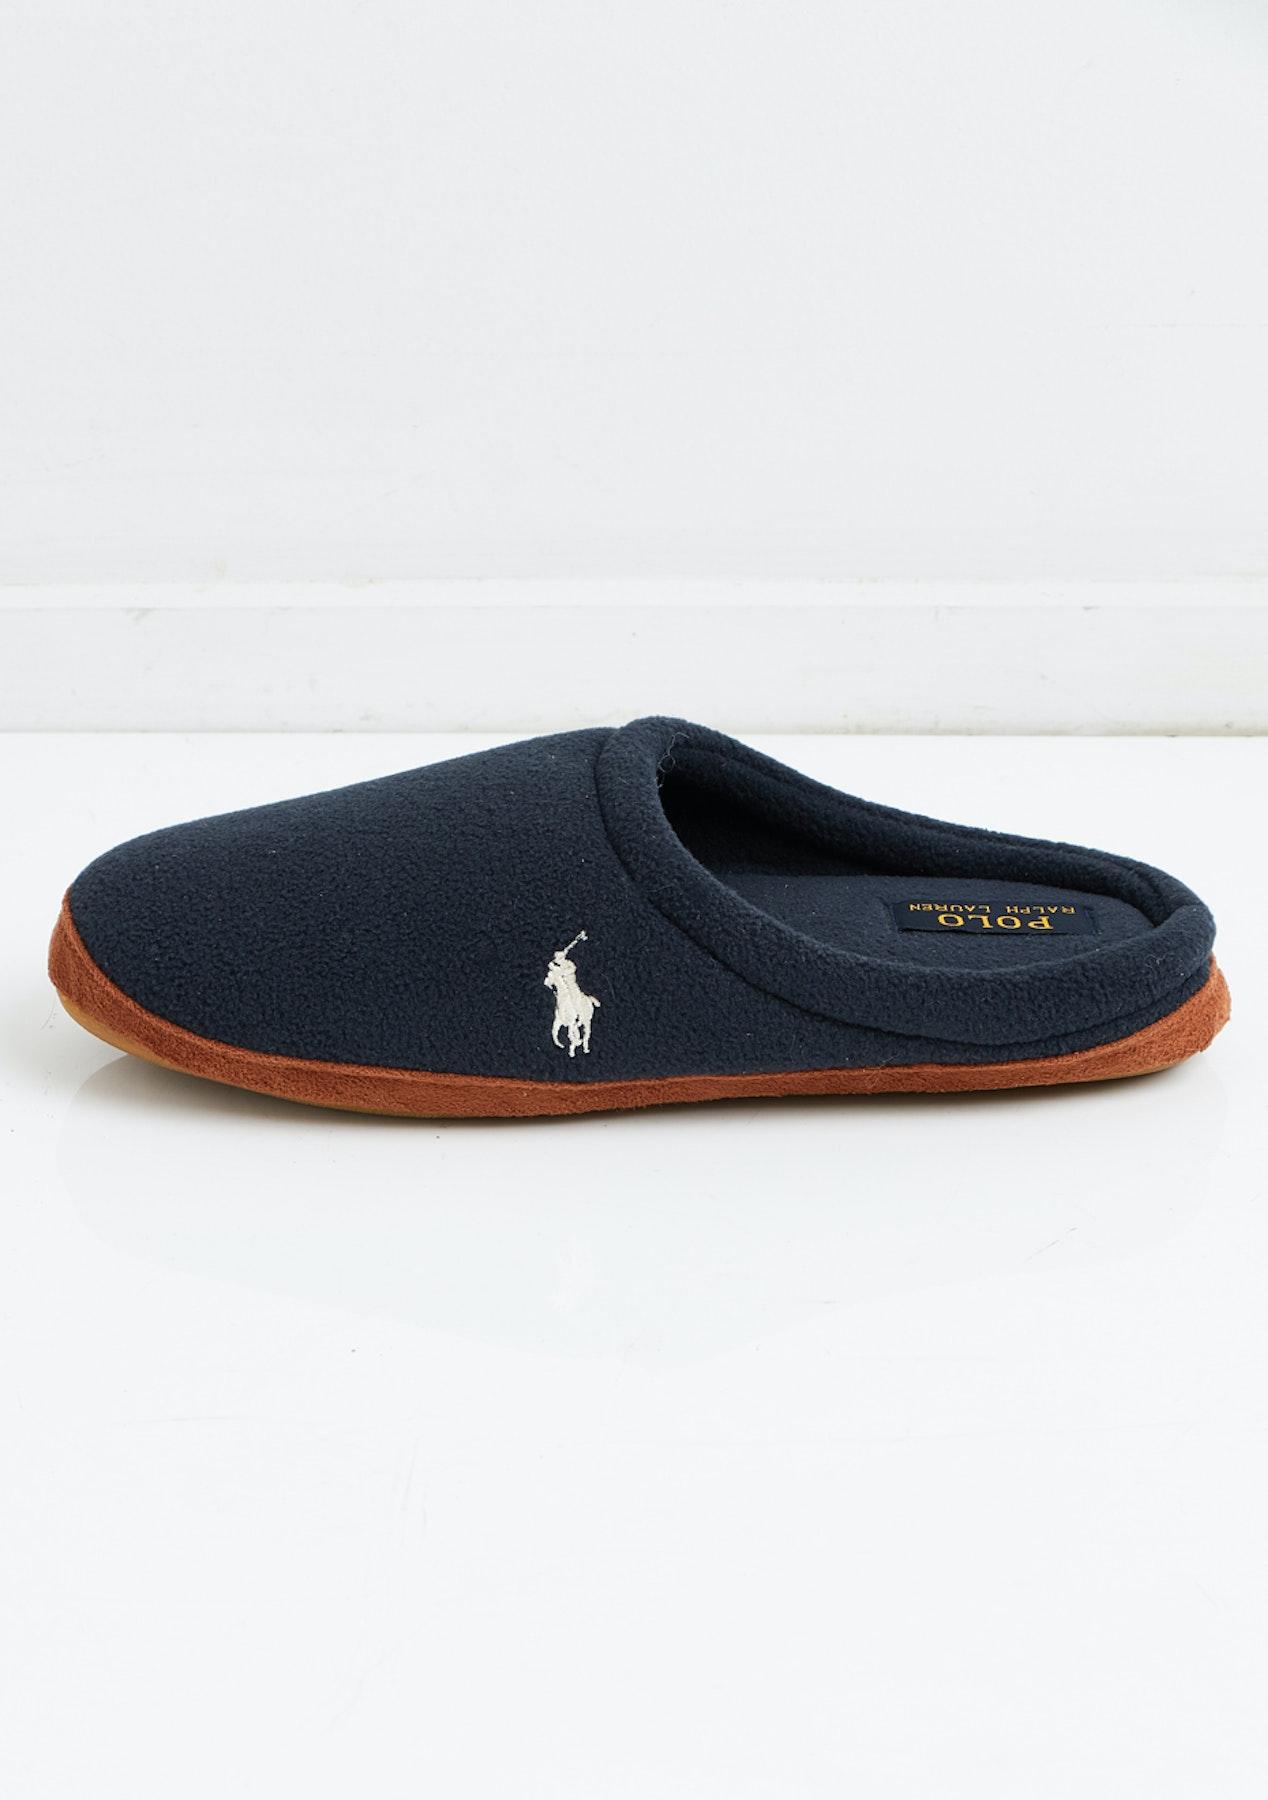 30bd3d26afc90 Polo Ralph Lauren Men s - Jacque Scuff Slipper - Polo Ralph Lauren Slippers  - Onceit